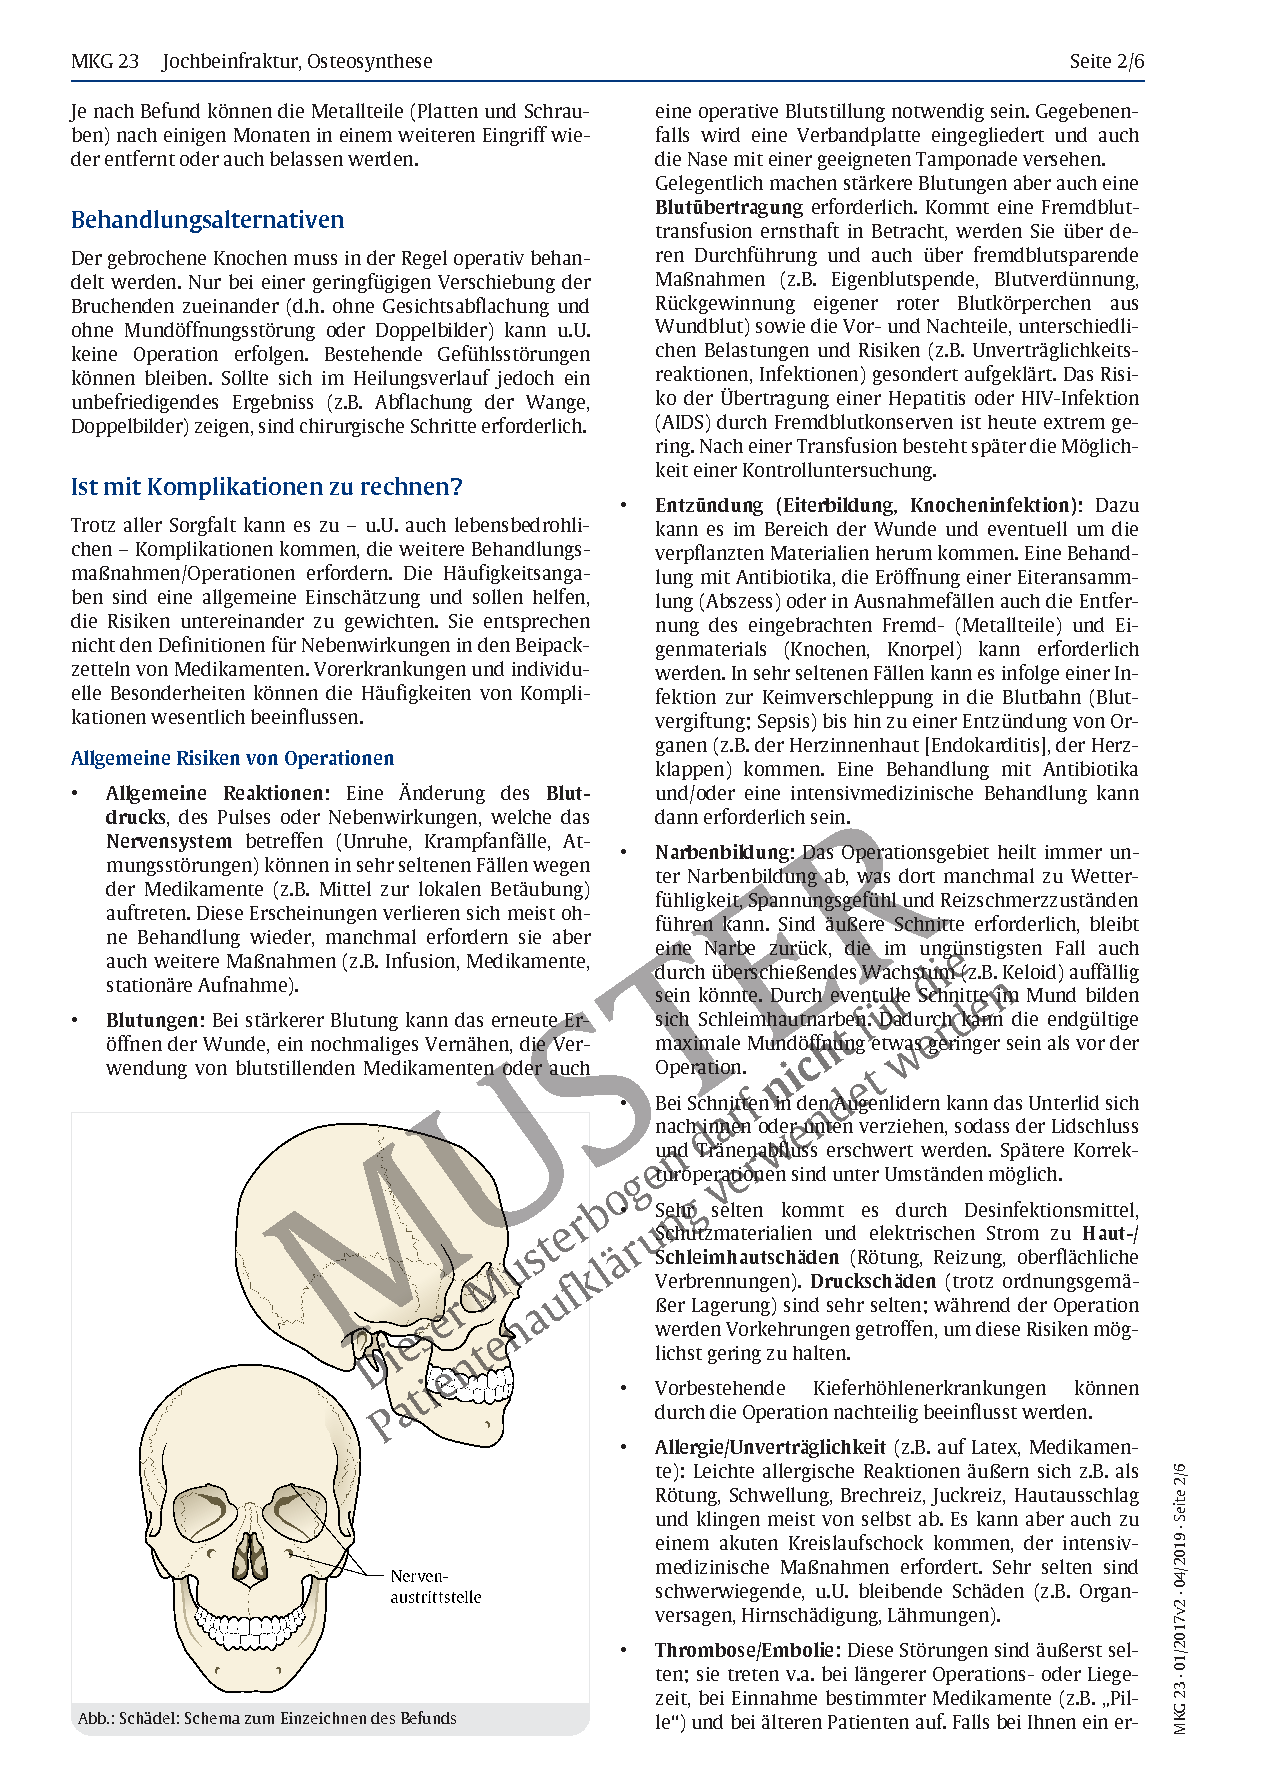 Ungewöhnlich Mittel Und Innenohranatomie Ideen - Anatomie Ideen ...